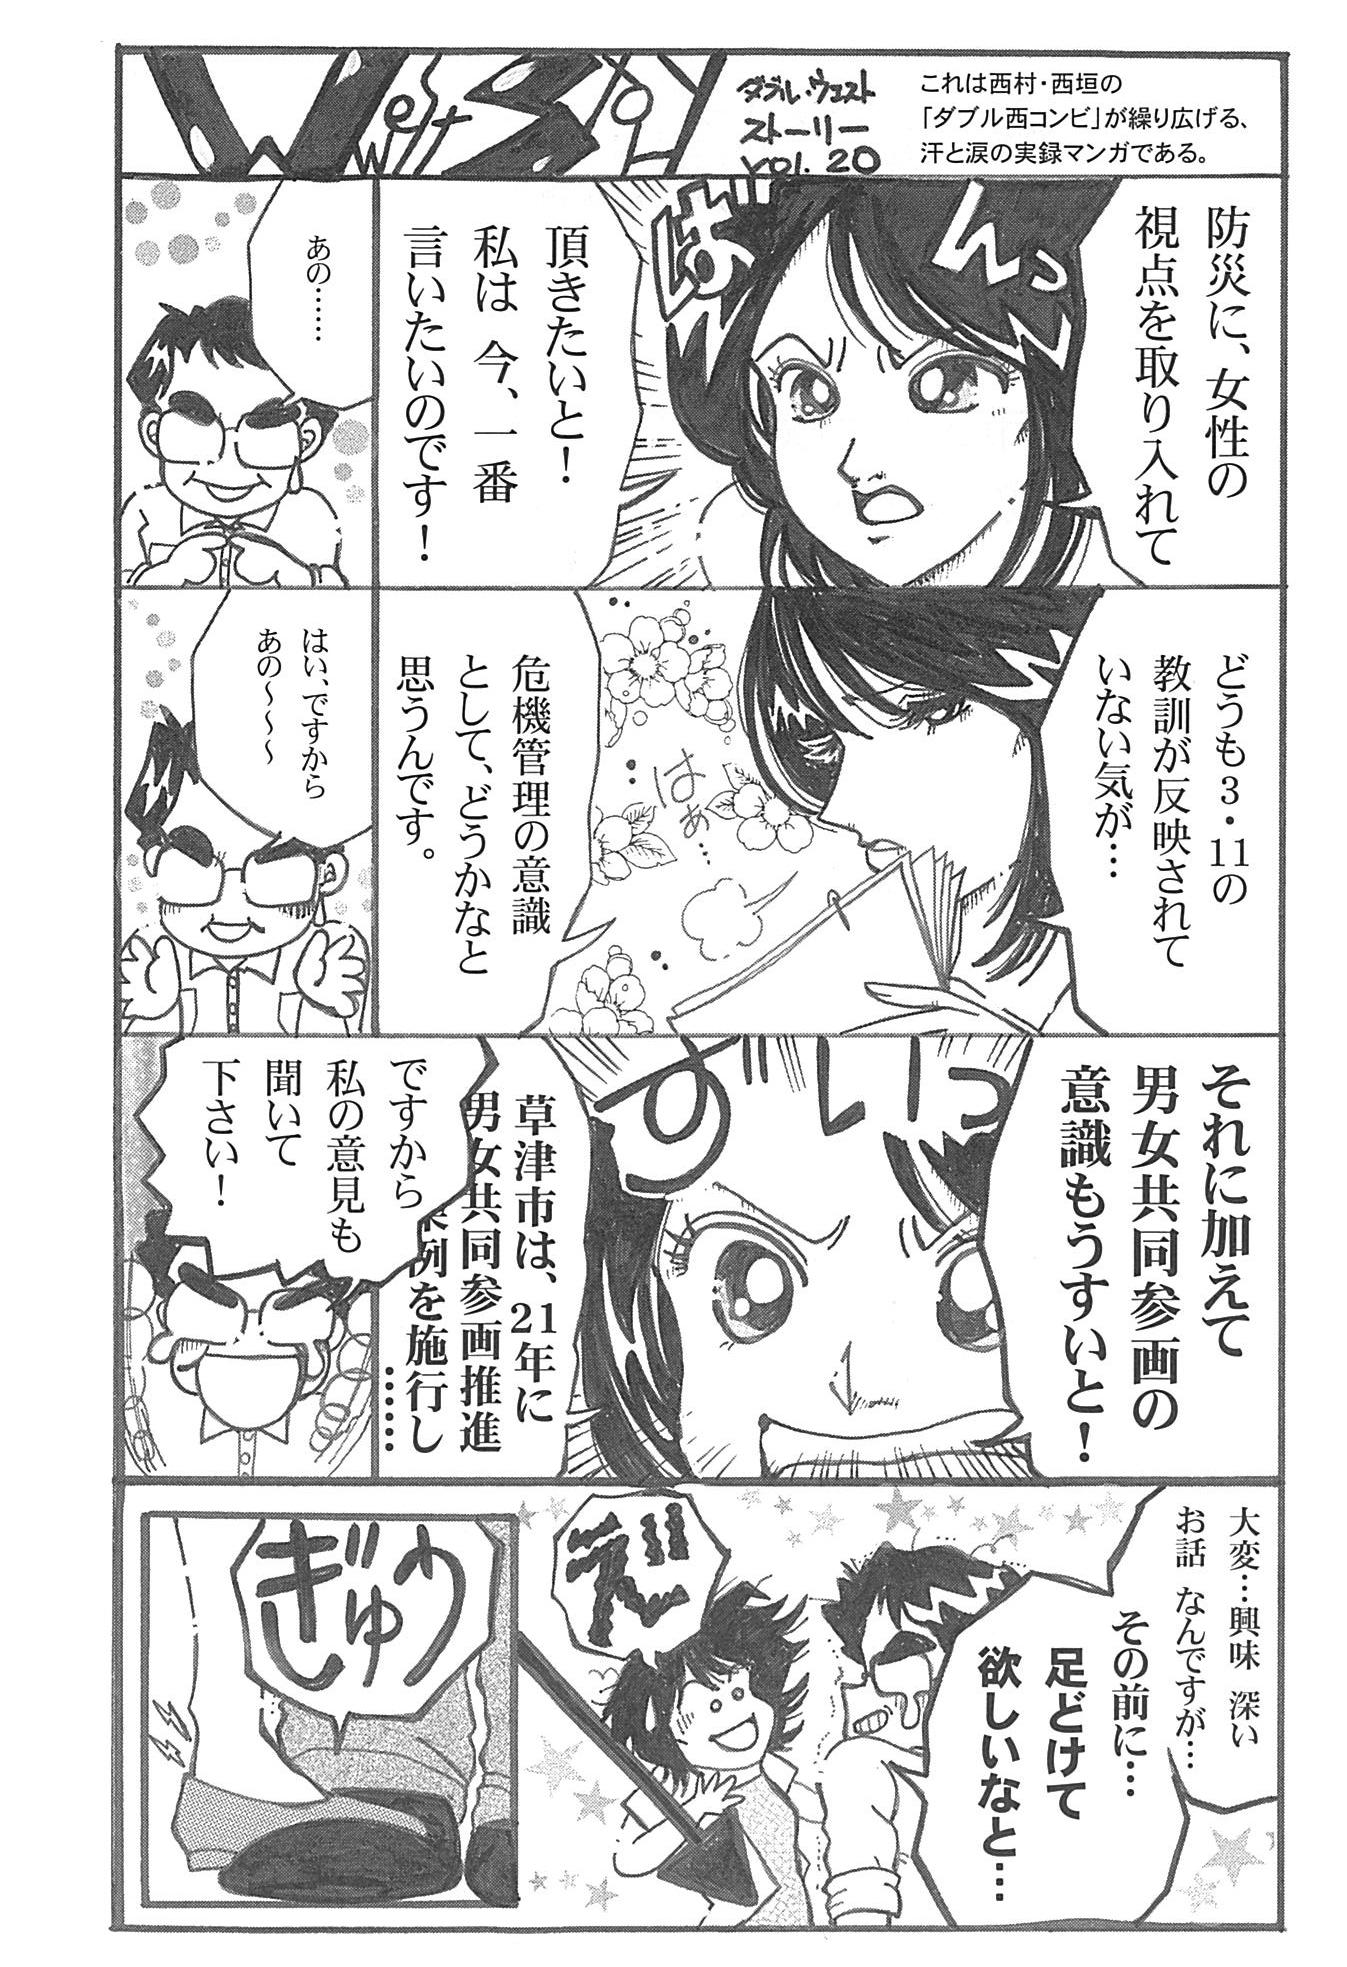 jitsuroku_vol20.jpg